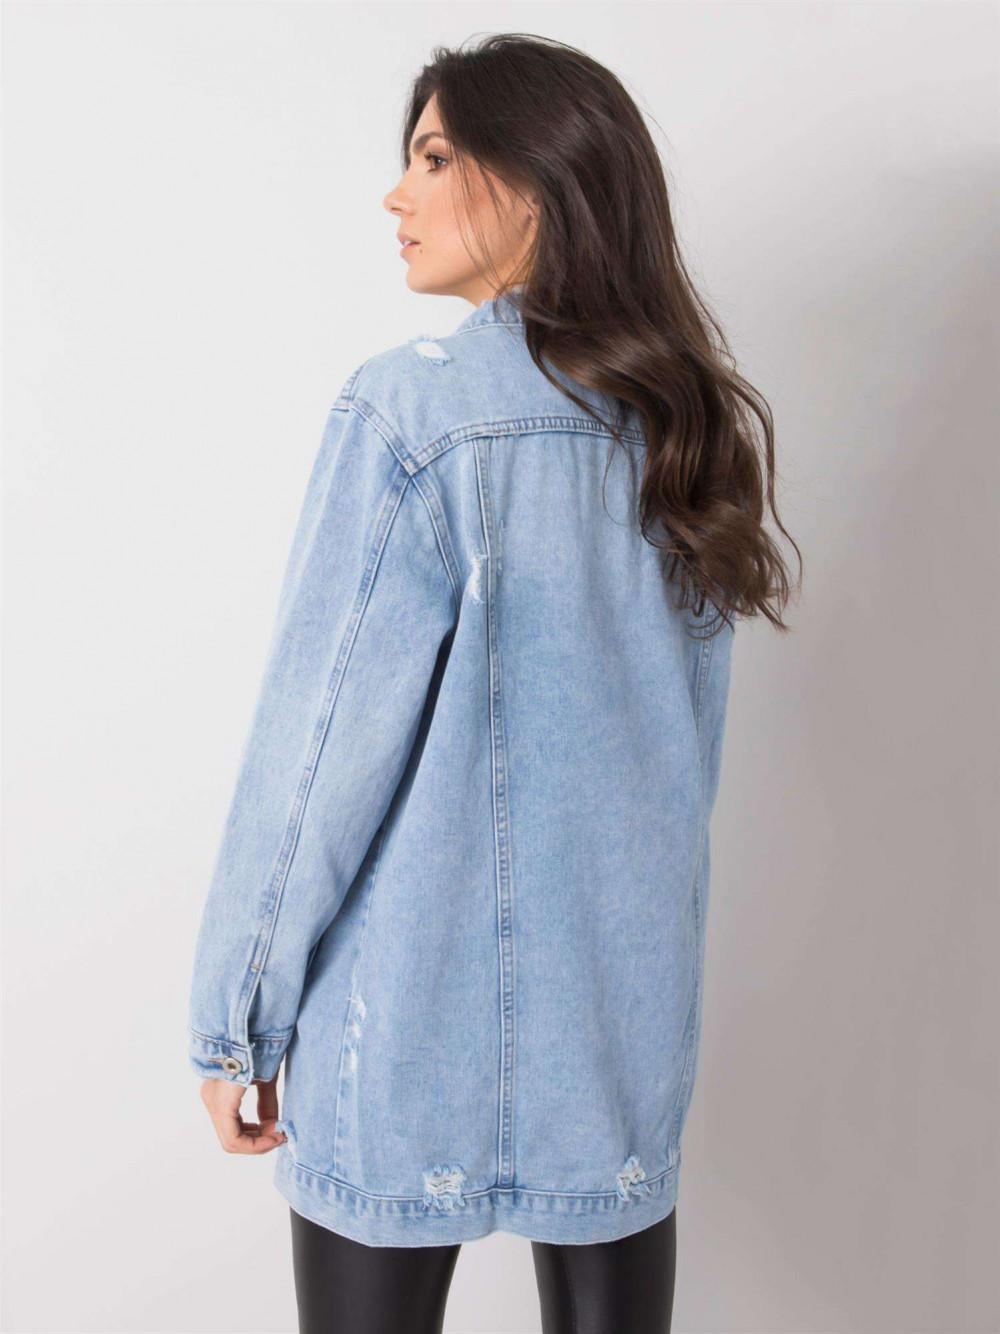 Jasnoniebieska kurtka jeansowa z przetarciami Feise 4